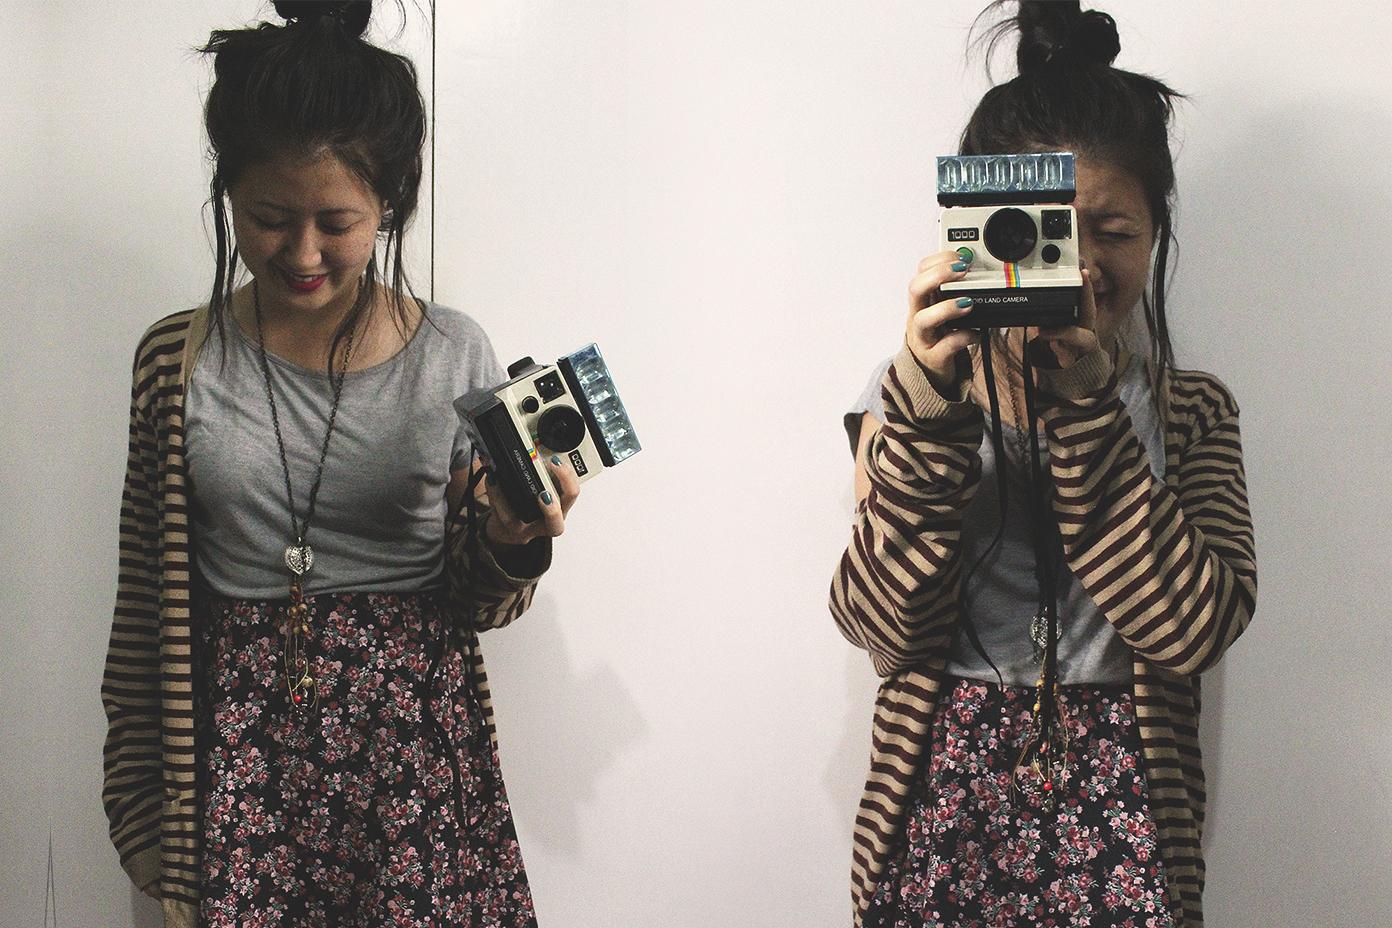 garota segurando polaroid 1000